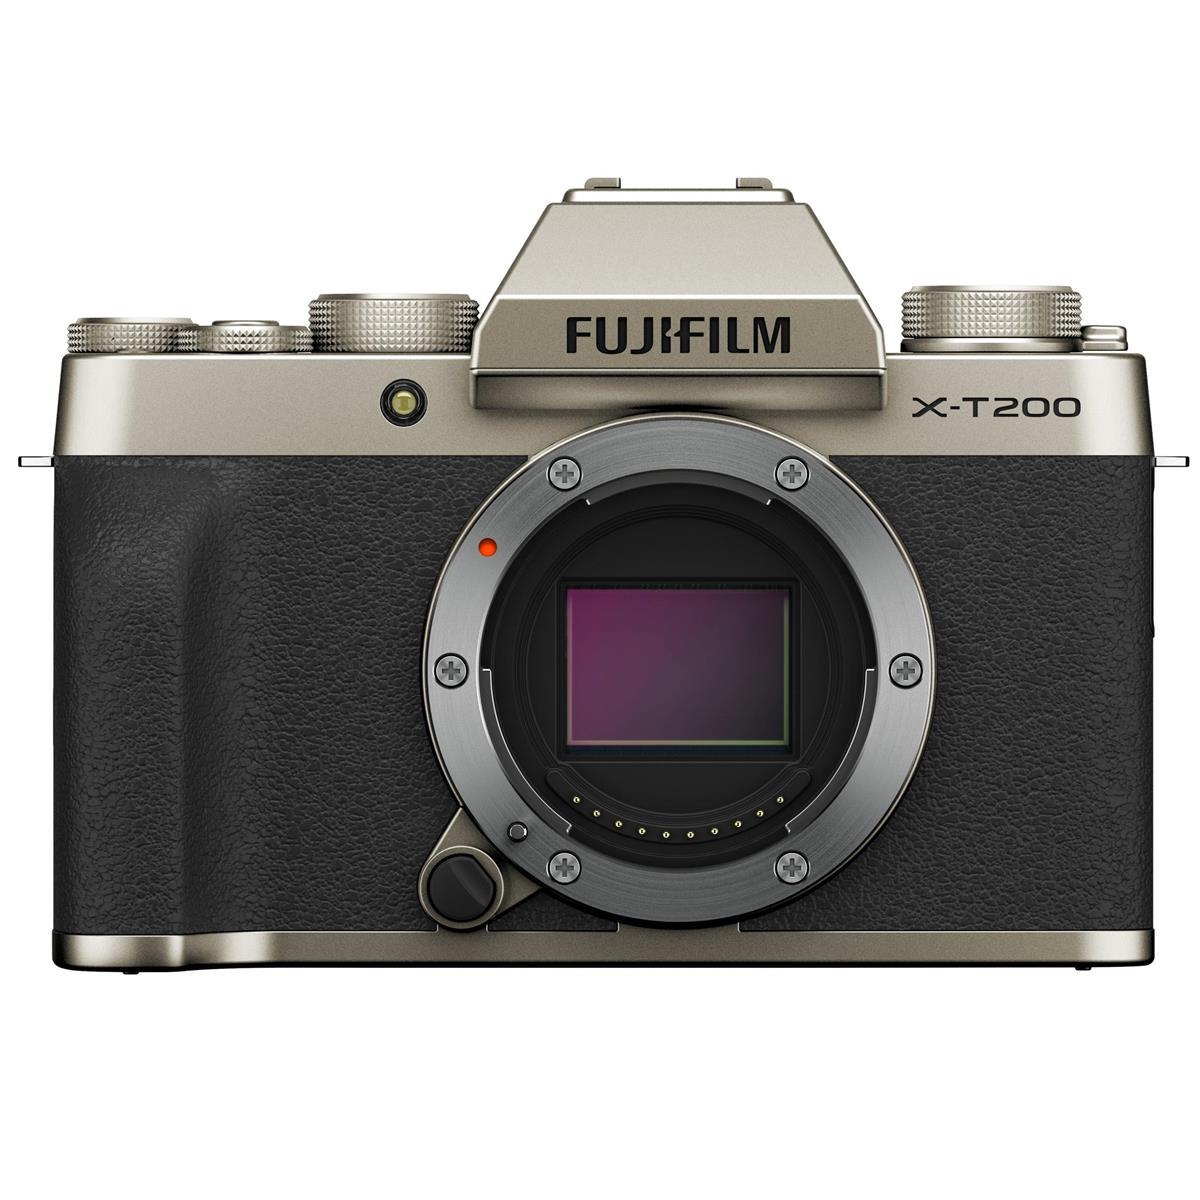 Fujifilm/16645319.jpg